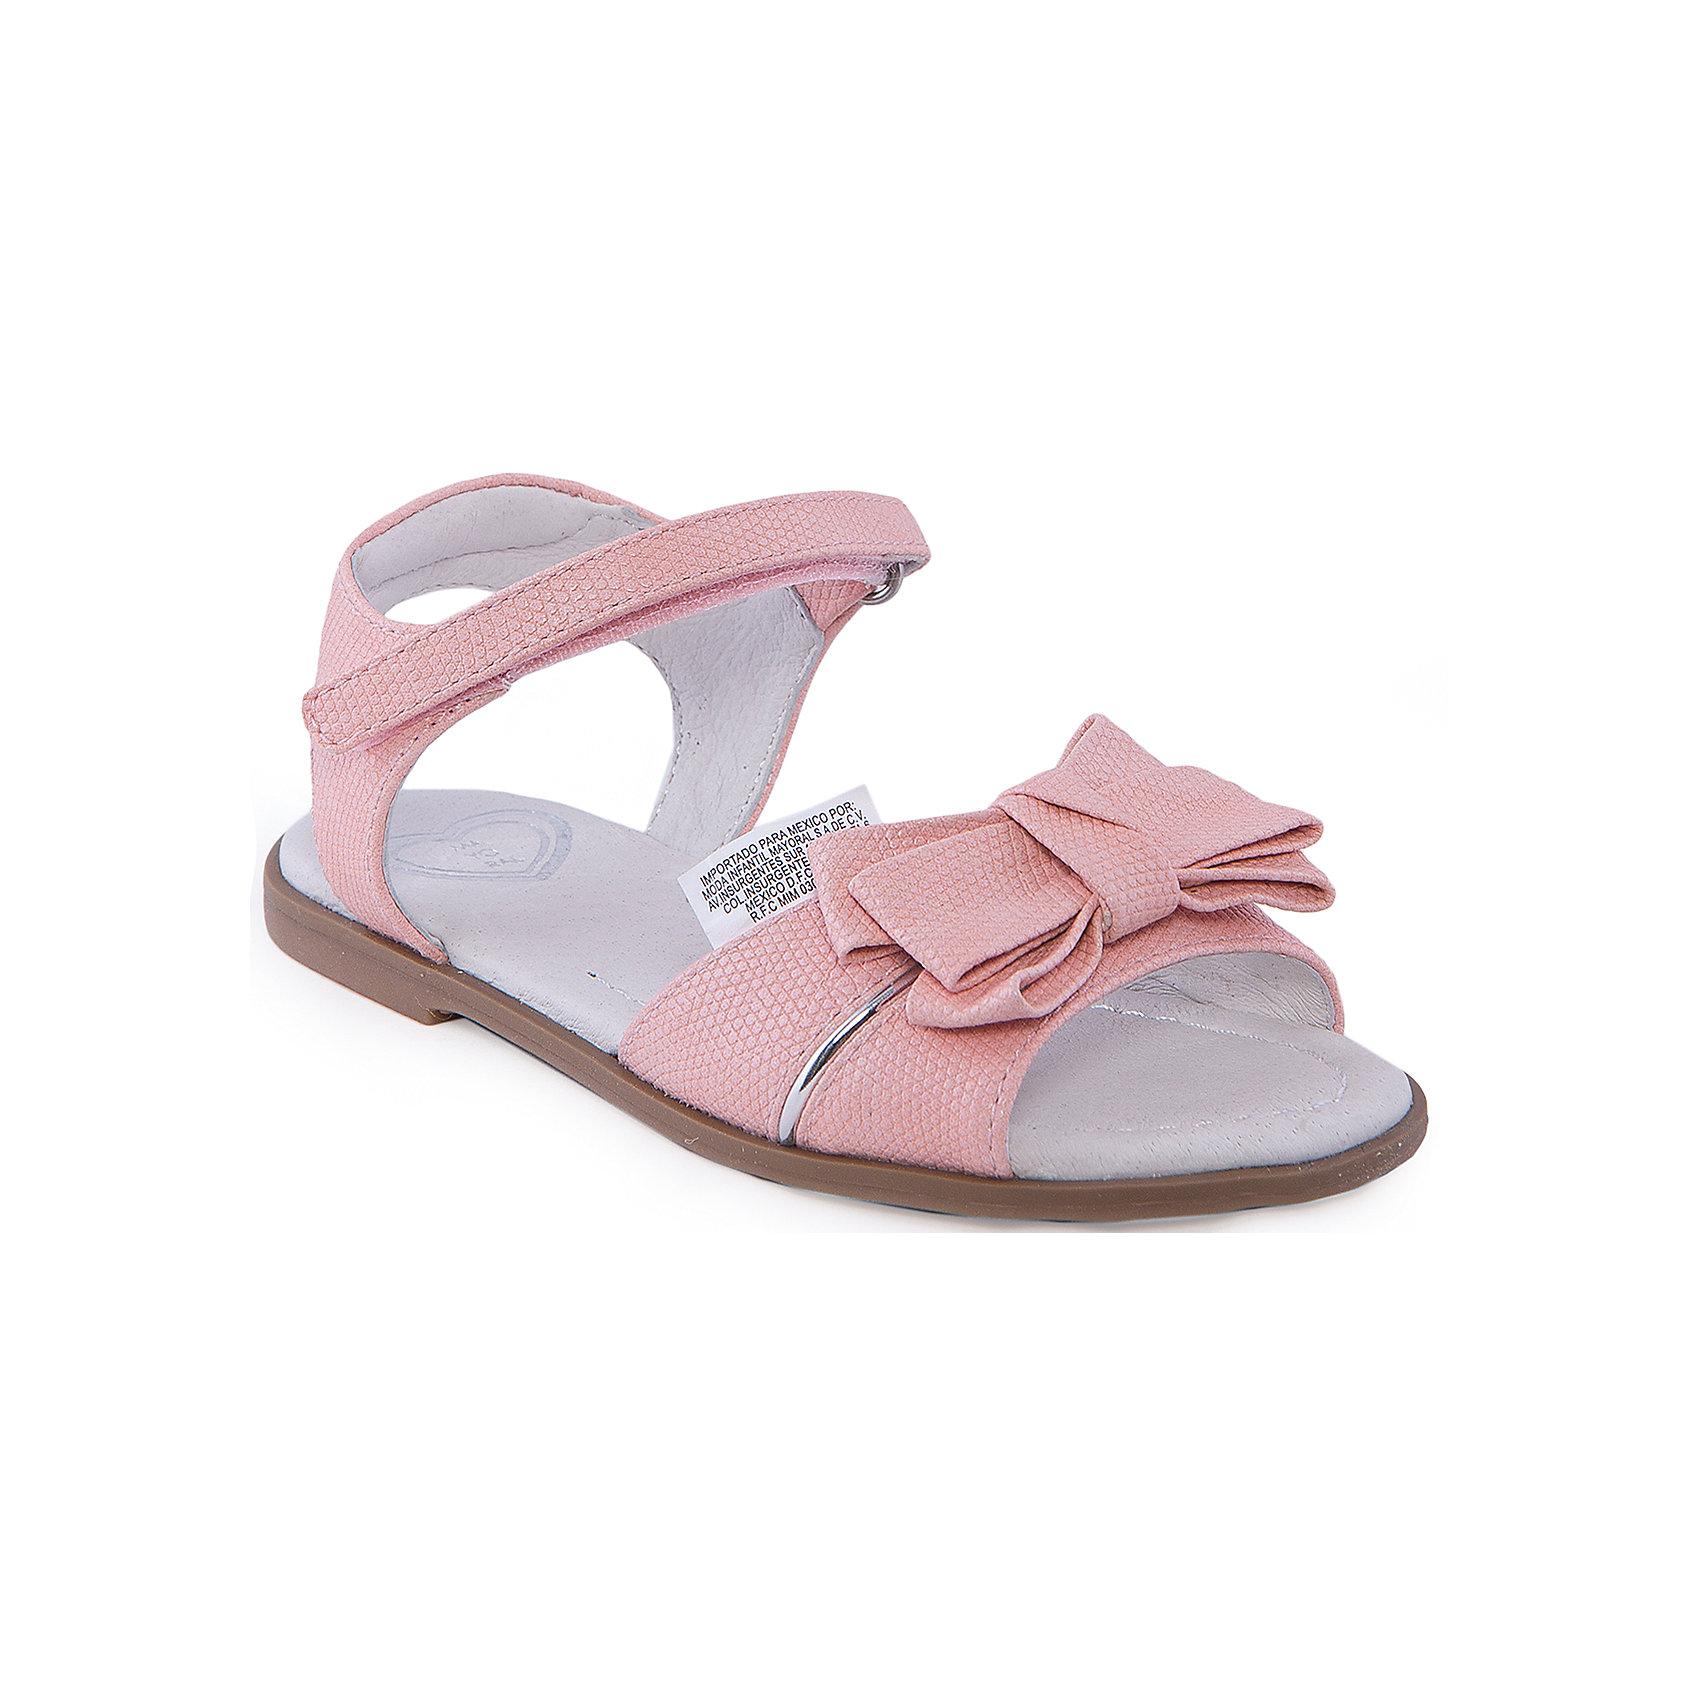 Сандалии для девочки  MayoralСандалии для девочки от известной марки Mayoral<br><br>Красивые удобные сандалии дополнят образ девочки в новом весенне-летнем сезоне. Эта модель разработала специально для девочек, любящих платья и юбки - именно с женственными моделями такие туфли смотрятся особенно хорошо. Сделаны они из легкого, но прочного материала. Комфортно садятся по ноге и не натирают.<br><br>Особенности модели:<br><br>- цвет: розовый;<br>- плоская нескользящая подошва;<br>- материал - искусственная кожа;<br>- застежка-липучка;<br>- декорирована бантом;<br>- открытый носок и пятка.<br><br>Дополнительная информация:<br><br>Состав: верх - искусственная кожа;<br>стелька - натуральная кожа;<br>подошва - полиуретан.<br><br>Сандалии для девочки от Mayoral (Майорал) можно купить в нашем магазине.<br><br>Ширина мм: 219<br>Глубина мм: 154<br>Высота мм: 121<br>Вес г: 343<br>Цвет: розовый<br>Возраст от месяцев: 132<br>Возраст до месяцев: 144<br>Пол: Женский<br>Возраст: Детский<br>Размер: 32,34,33,35,30,26,27,28,29,31<br>SKU: 4539860